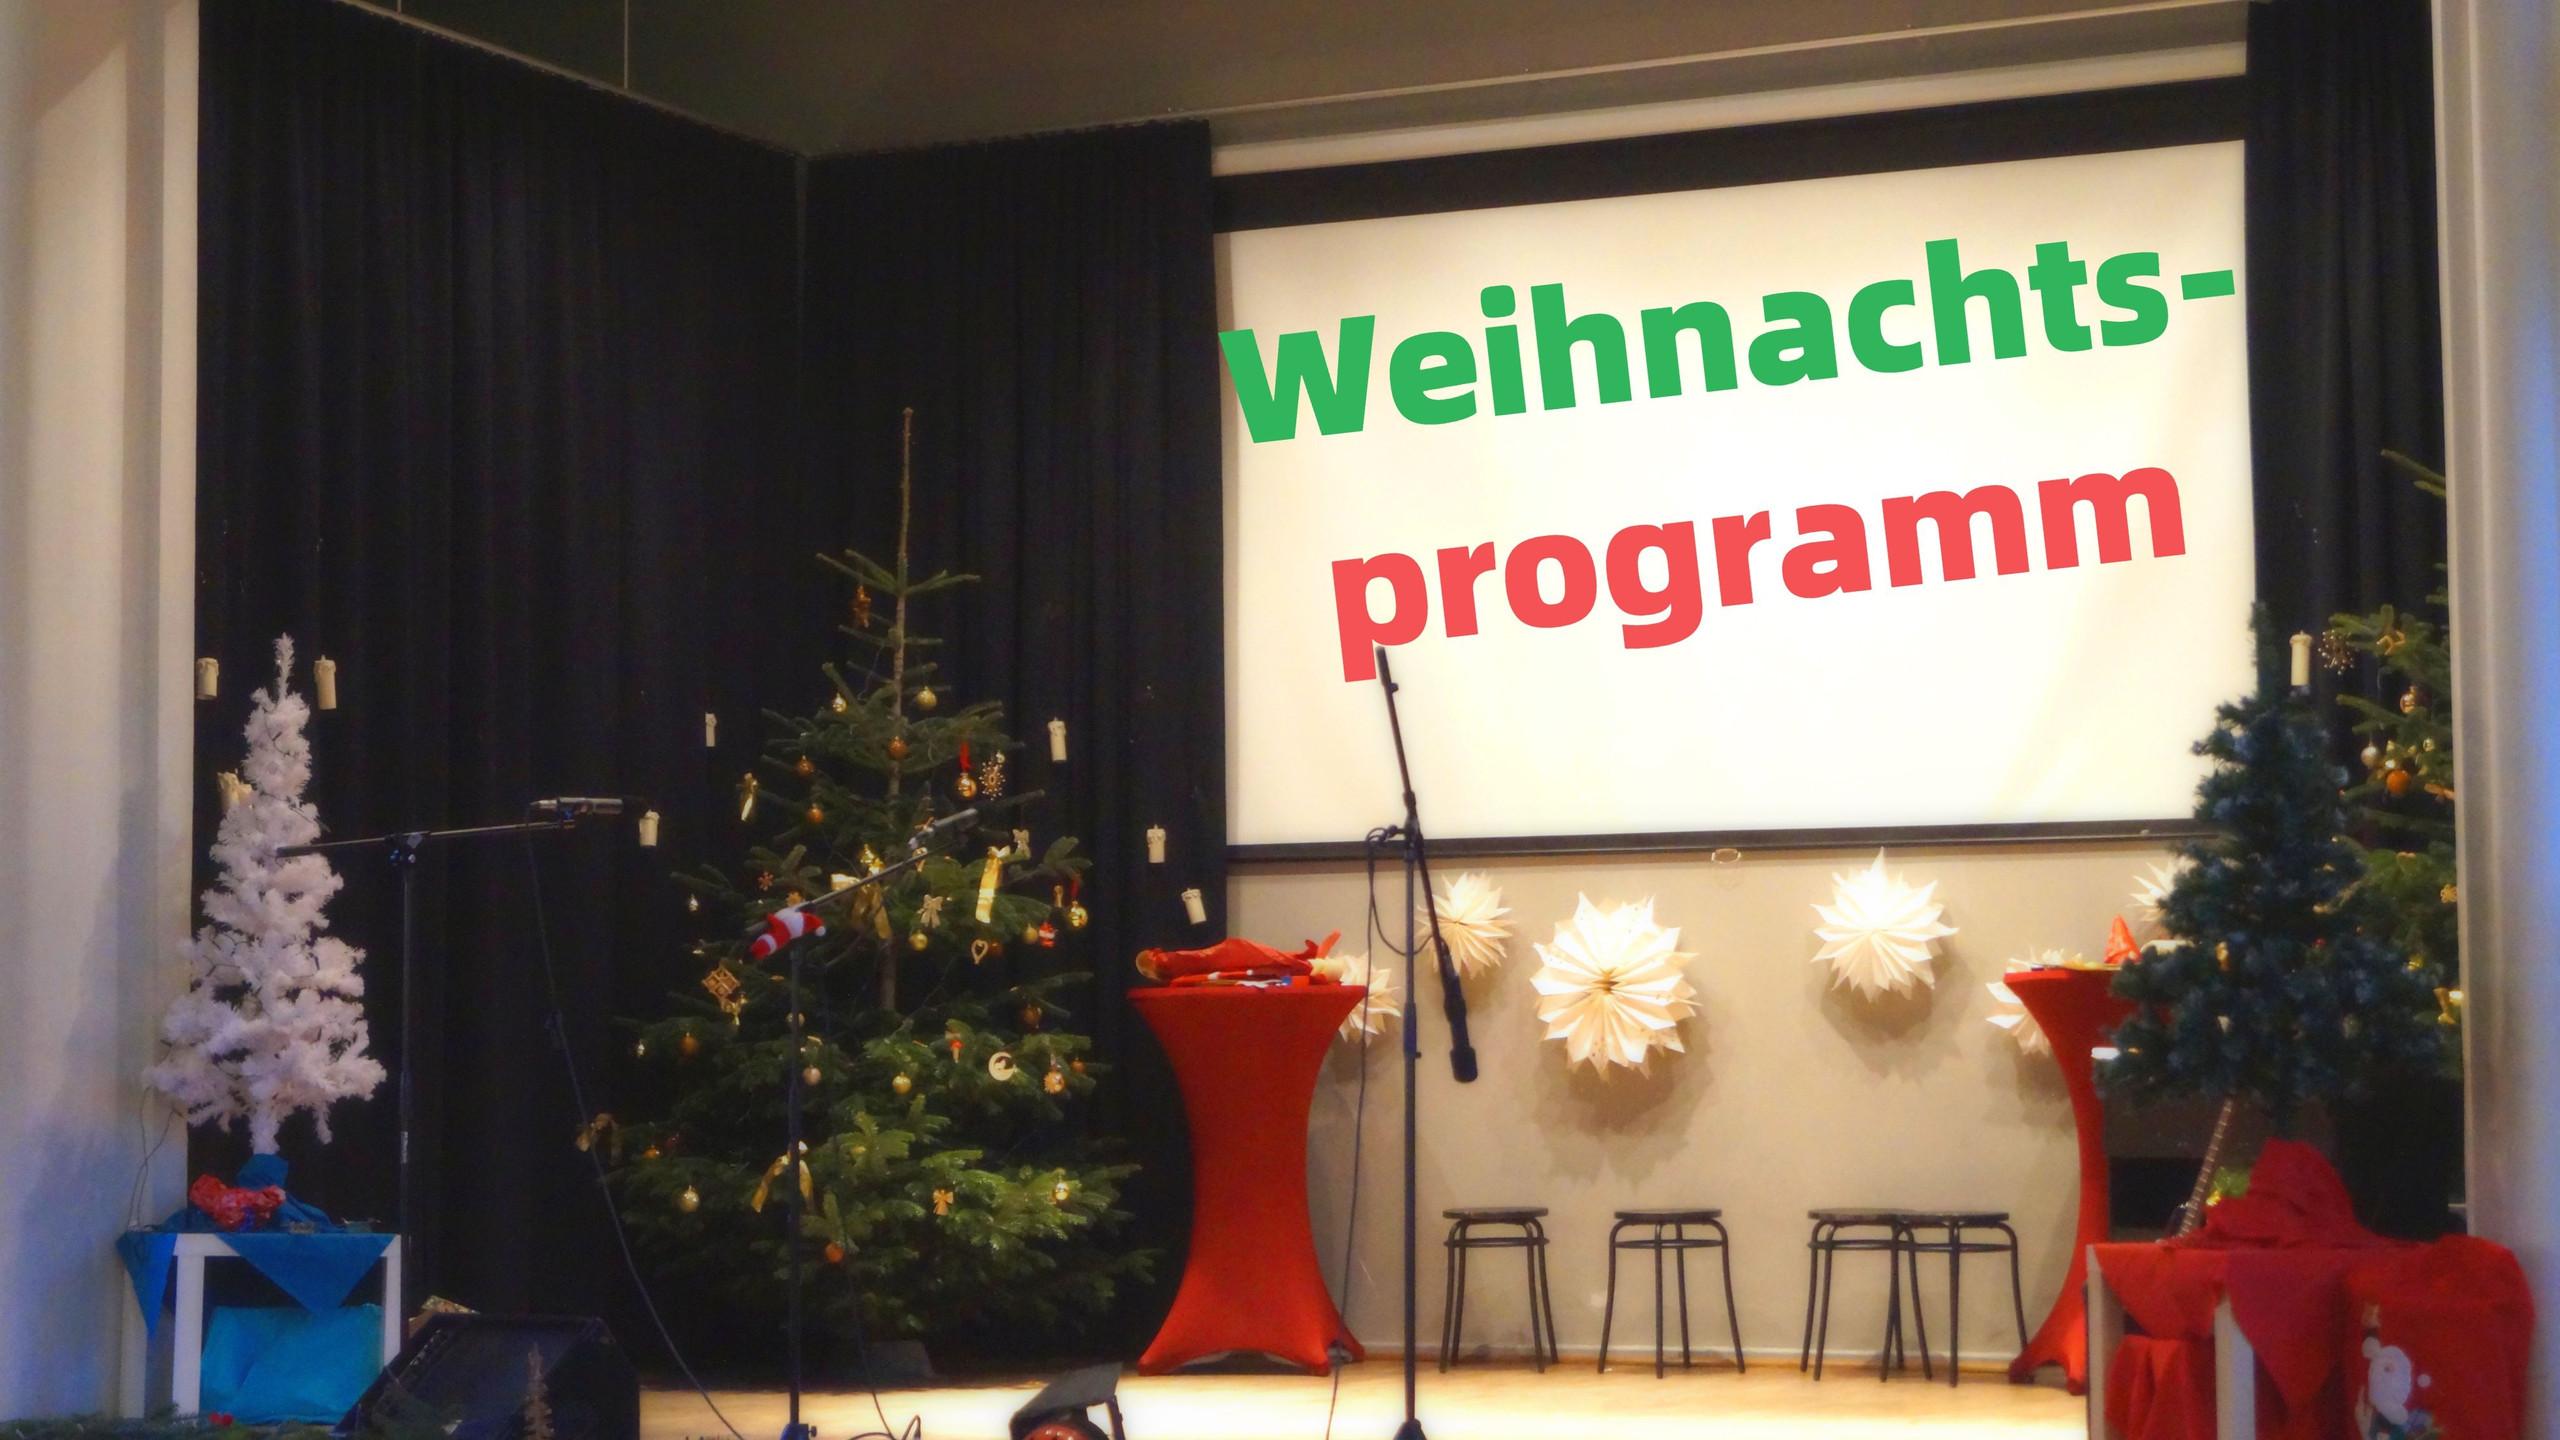 Weihnachtsprogramm 0